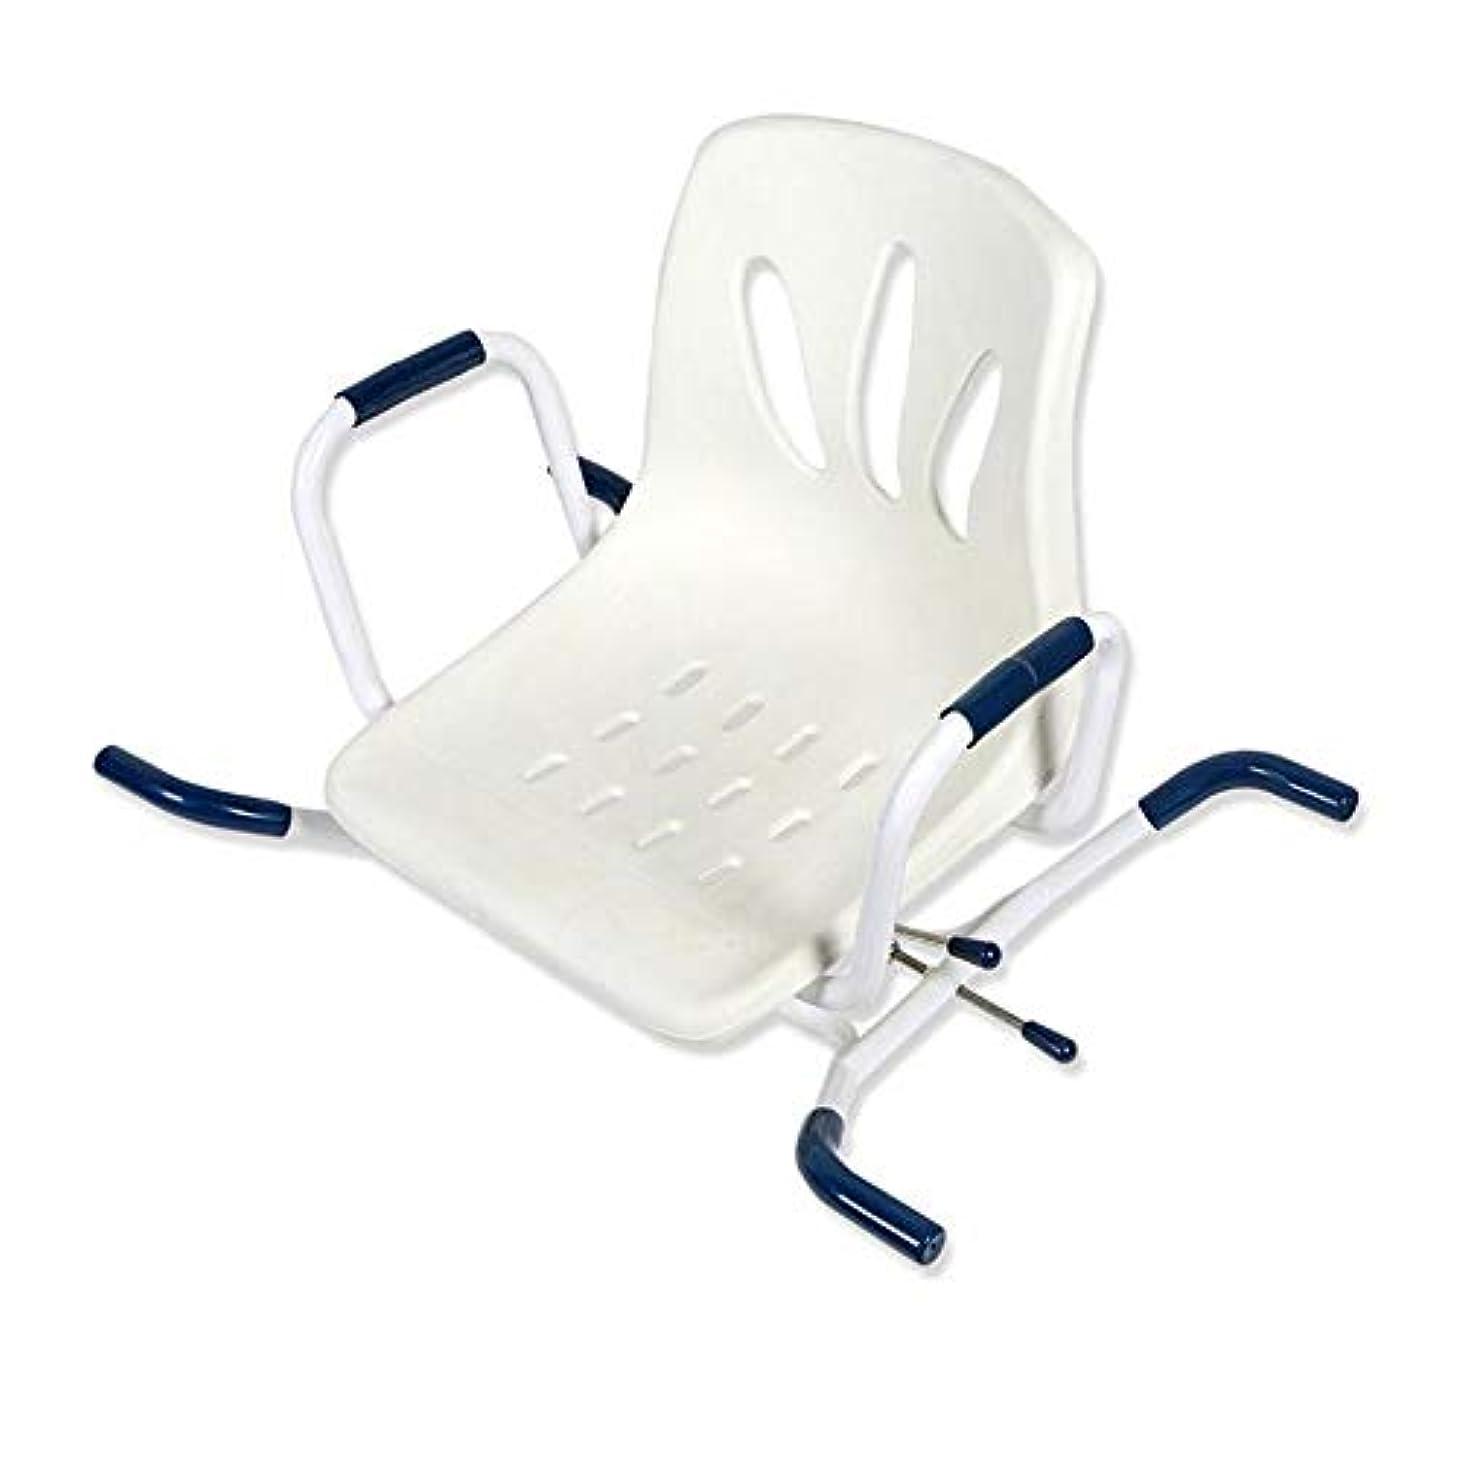 活気づく治安判事同情的バスボードの座席を横切った吊り下げ式バスベンチ調節可能なスイベルバスター(背もたれ付き)